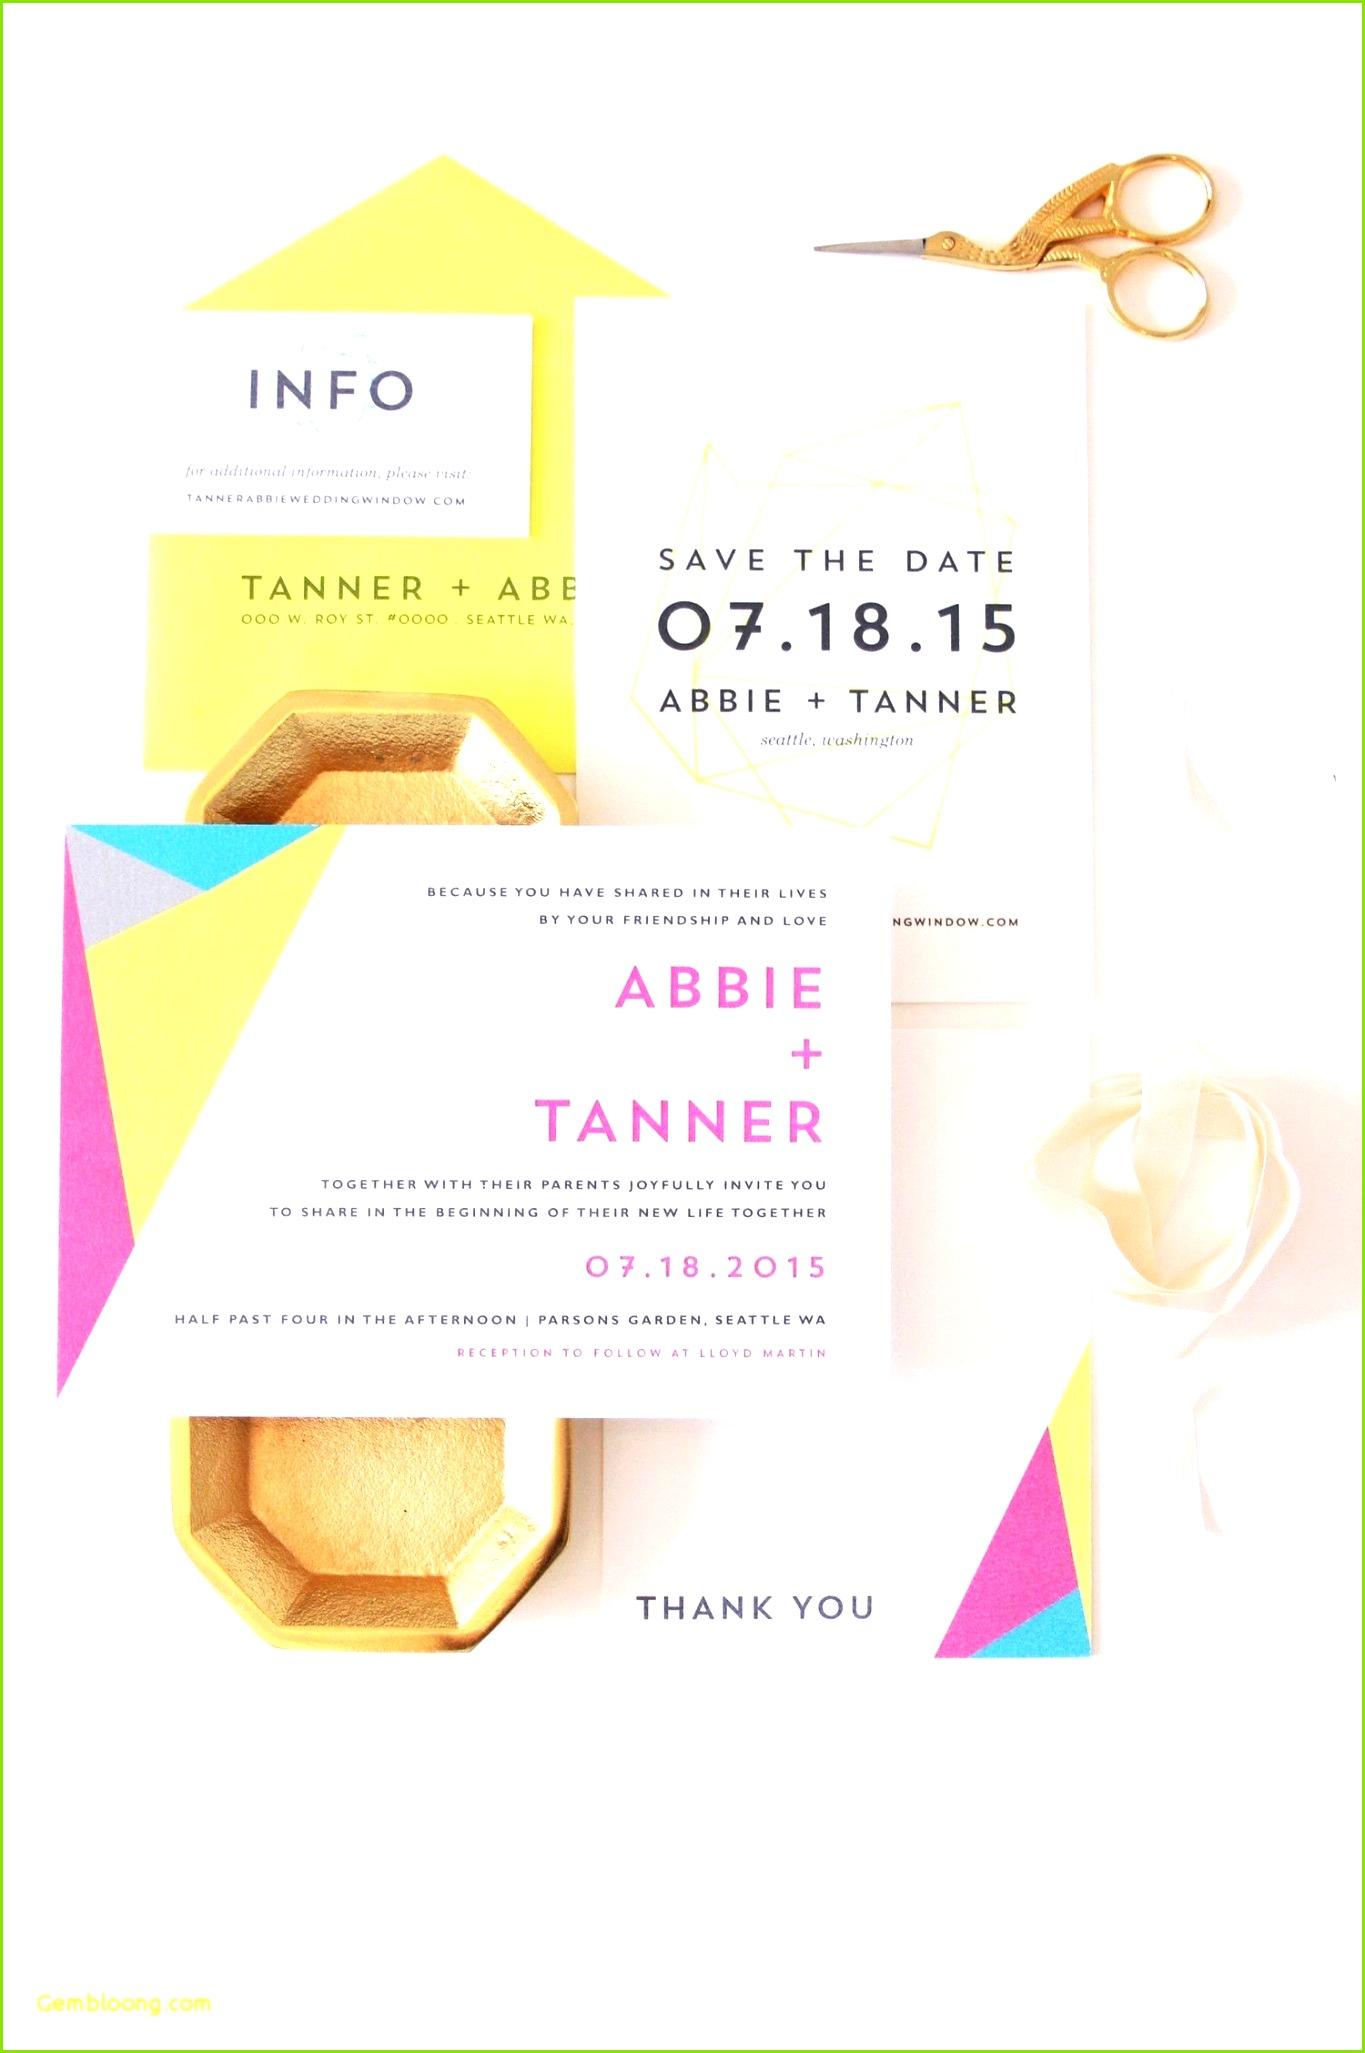 Geburtstagskarte Ausdrucken Einladungskarten Drucken Jetzt Herunterladen How Awesome is This geburtstagskarte ausdrucken 0D